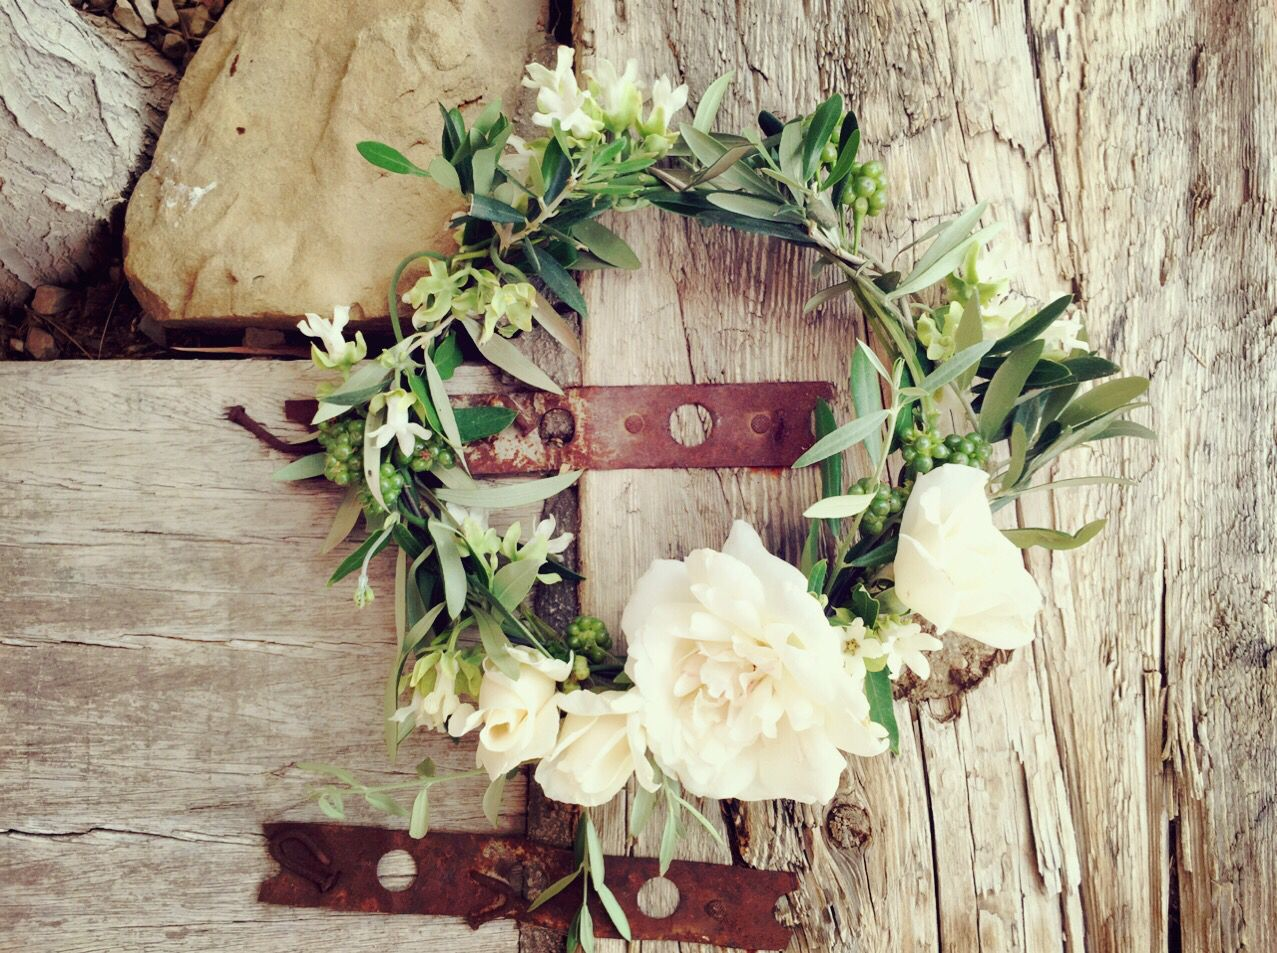 Las #coronas de #flores con ideales para conseguir el look #bohemio en las #niñas de #arras. Las flores naturales con aroma como el jazmín, la #lavanda y las rosas de jardín, no pueden faltar, pero sin duda el protagonista es, el #olivo, que se ha convertido en el must have de las decoraciones y accesorios florales de las #bodas de estilo #provenzal.